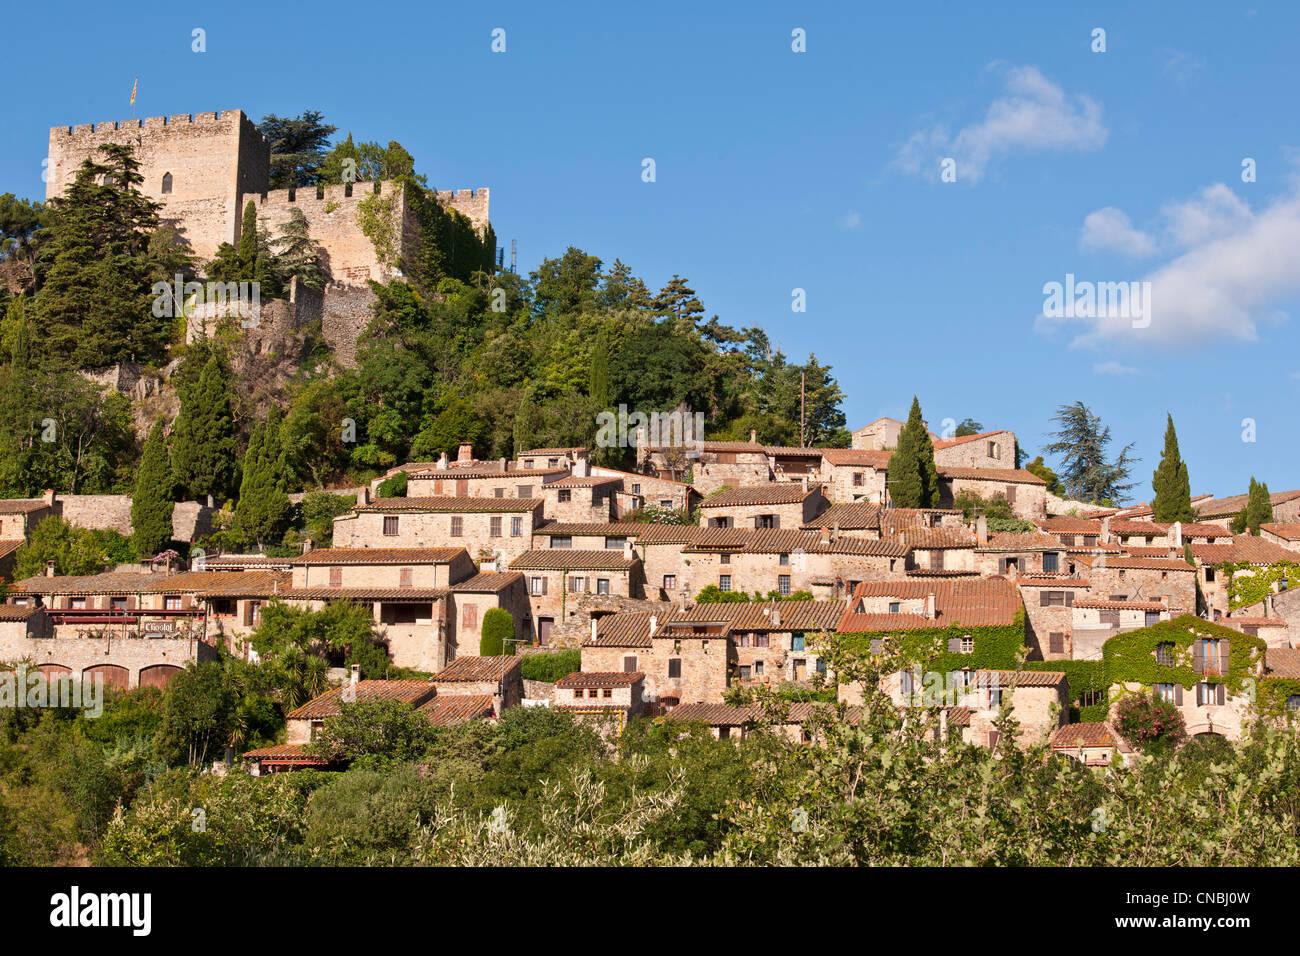 France, Pyrenees Orientales, Castelnou, labelled Les Plus Beaux Villages de France (The Most Beautiful Villages Stock Photo